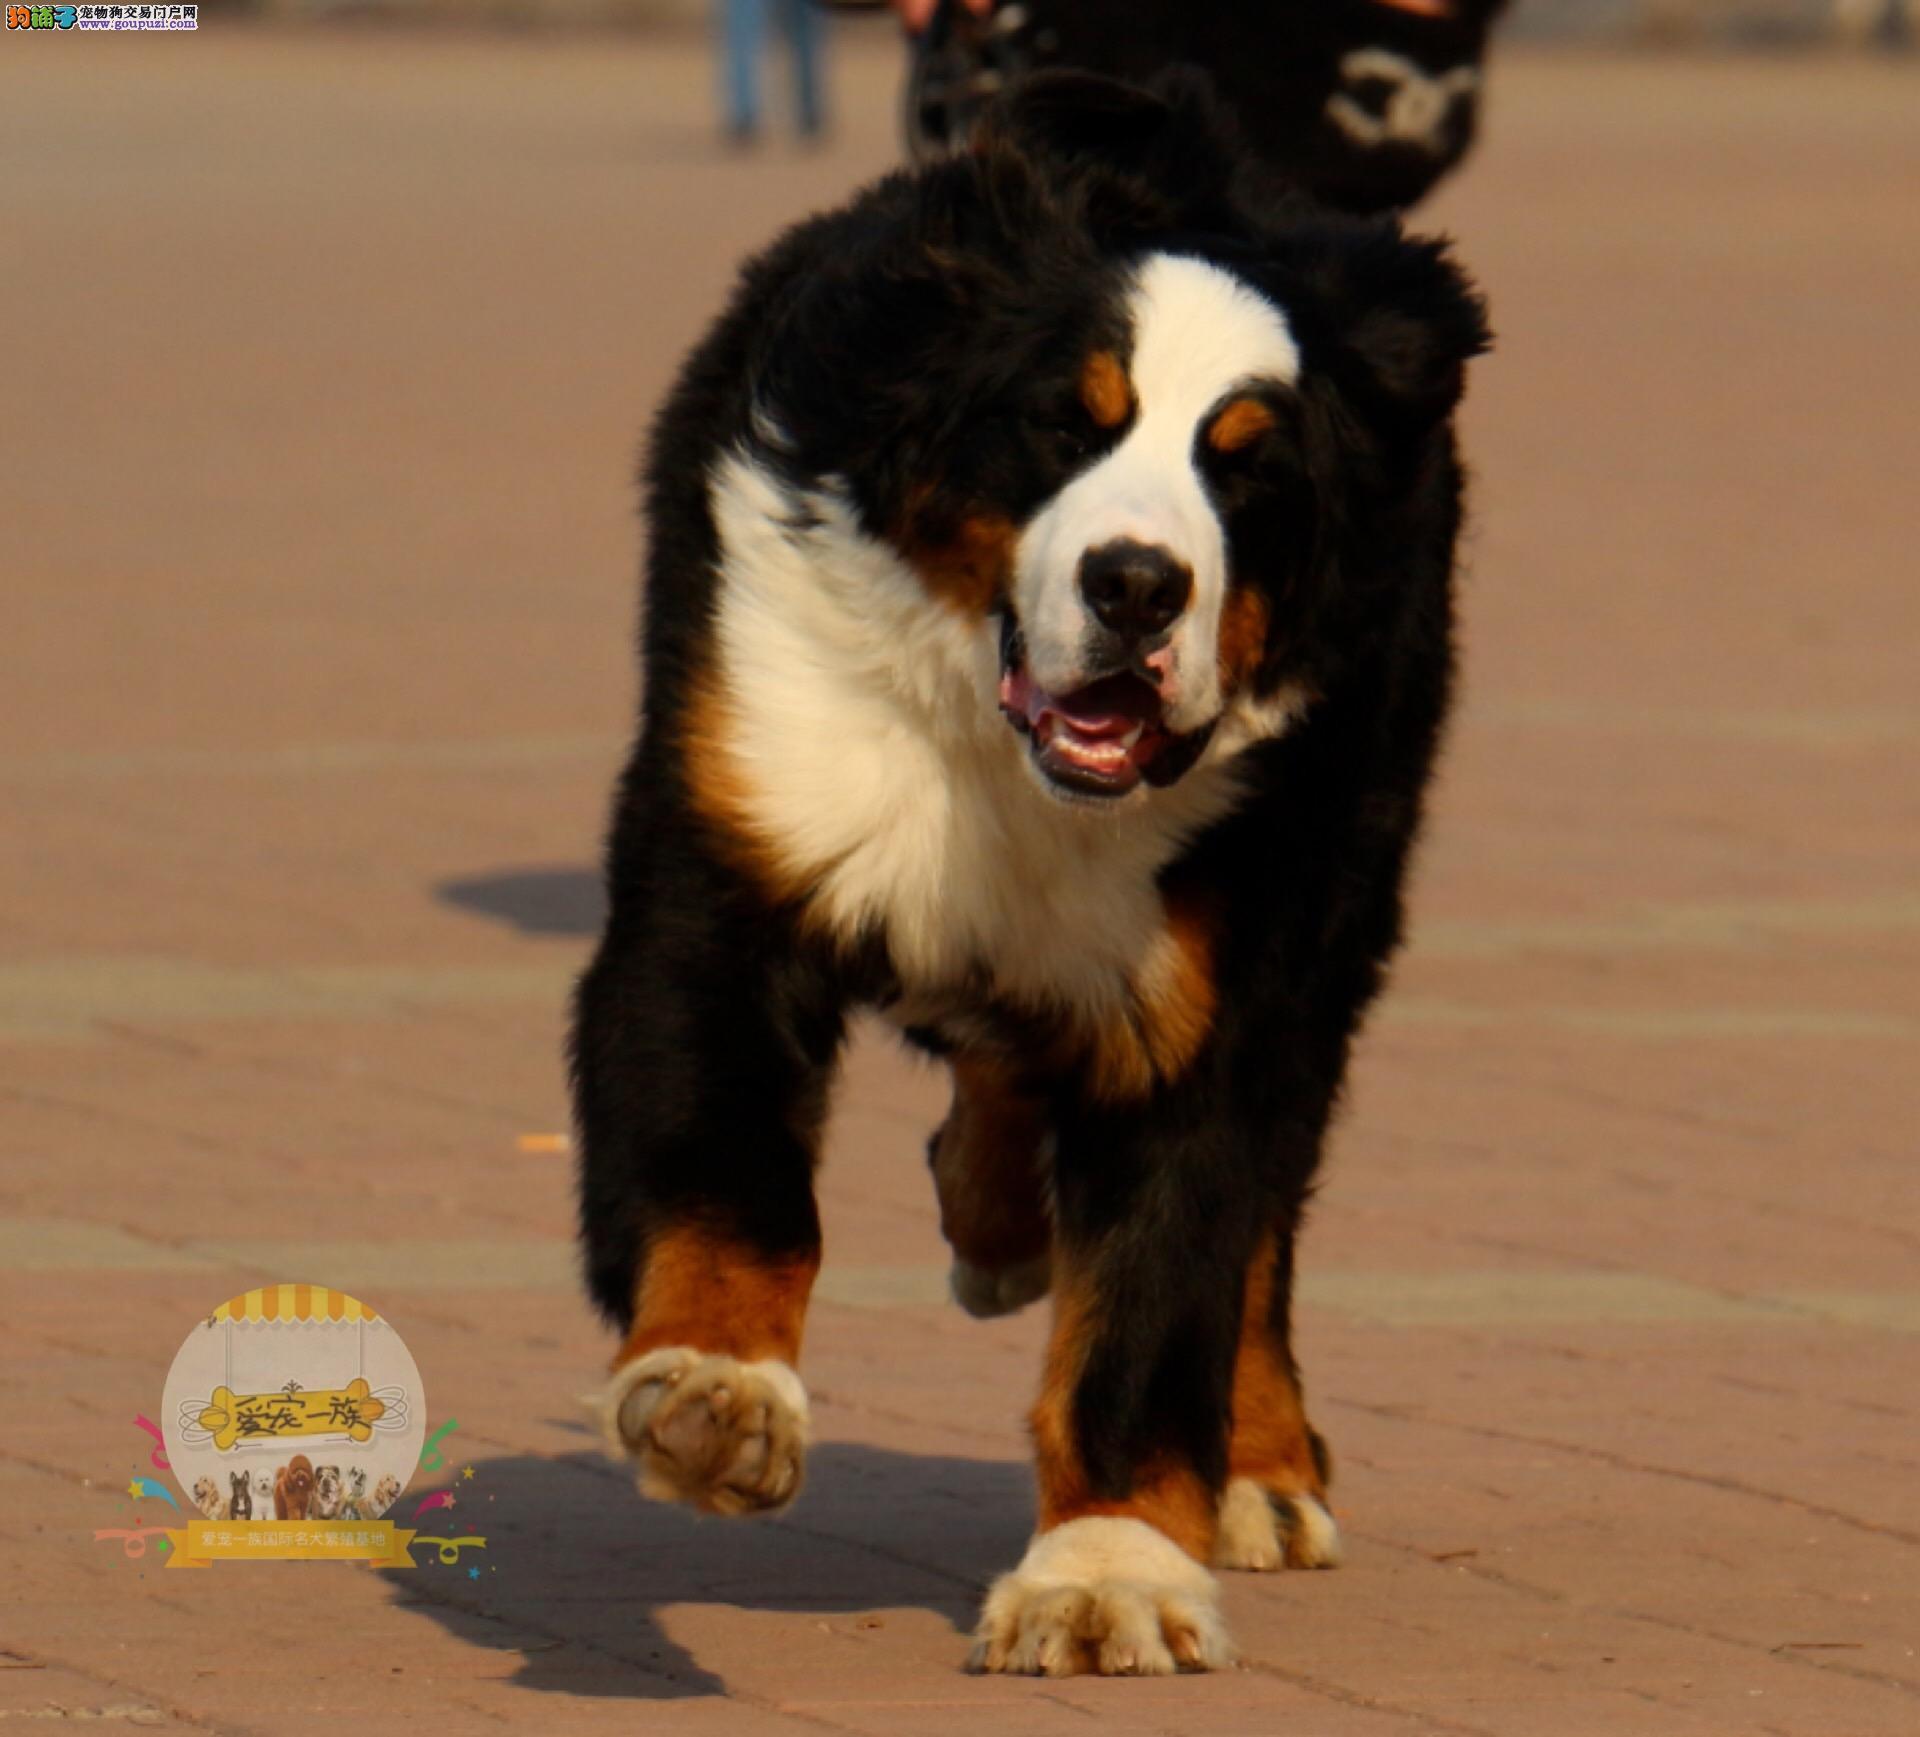 强壮有力 性格温顺 忠实的伴侣犬伯恩山宝宝出售